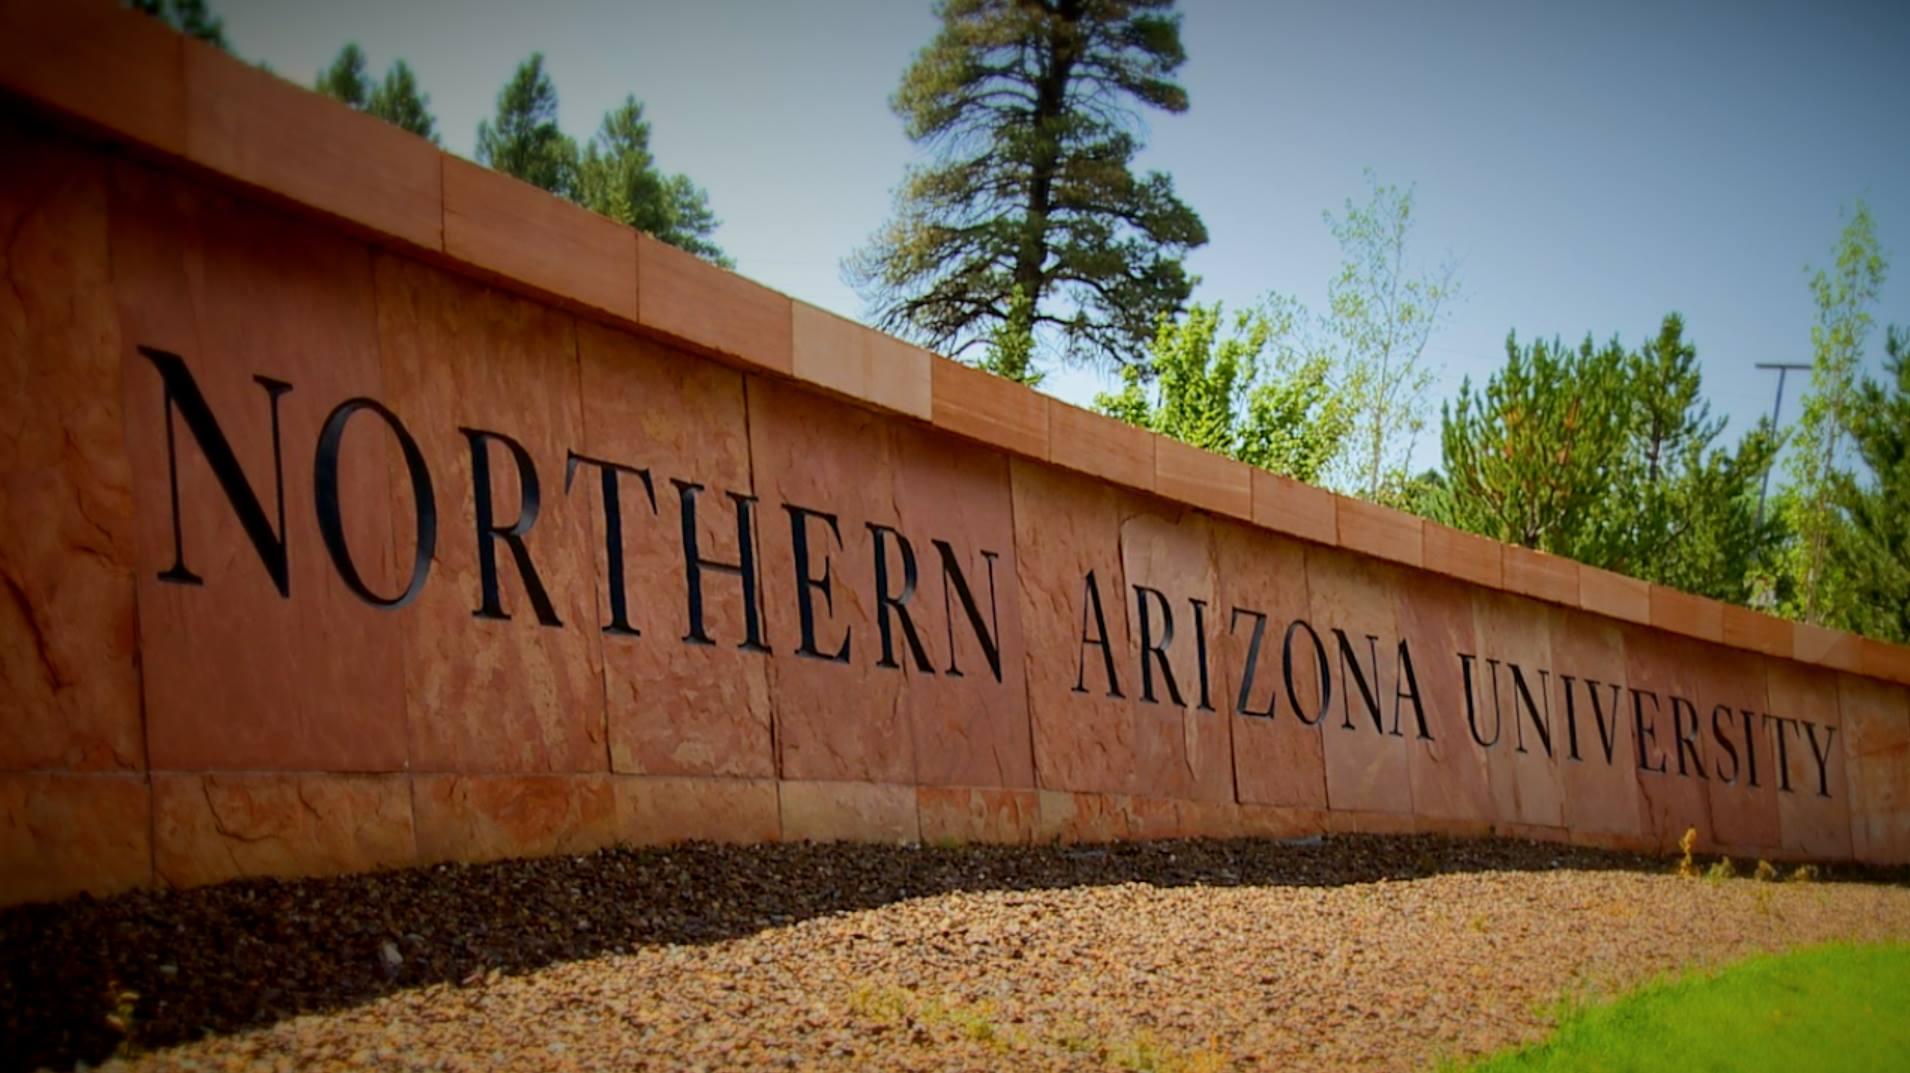 Northern Arizona university shooting